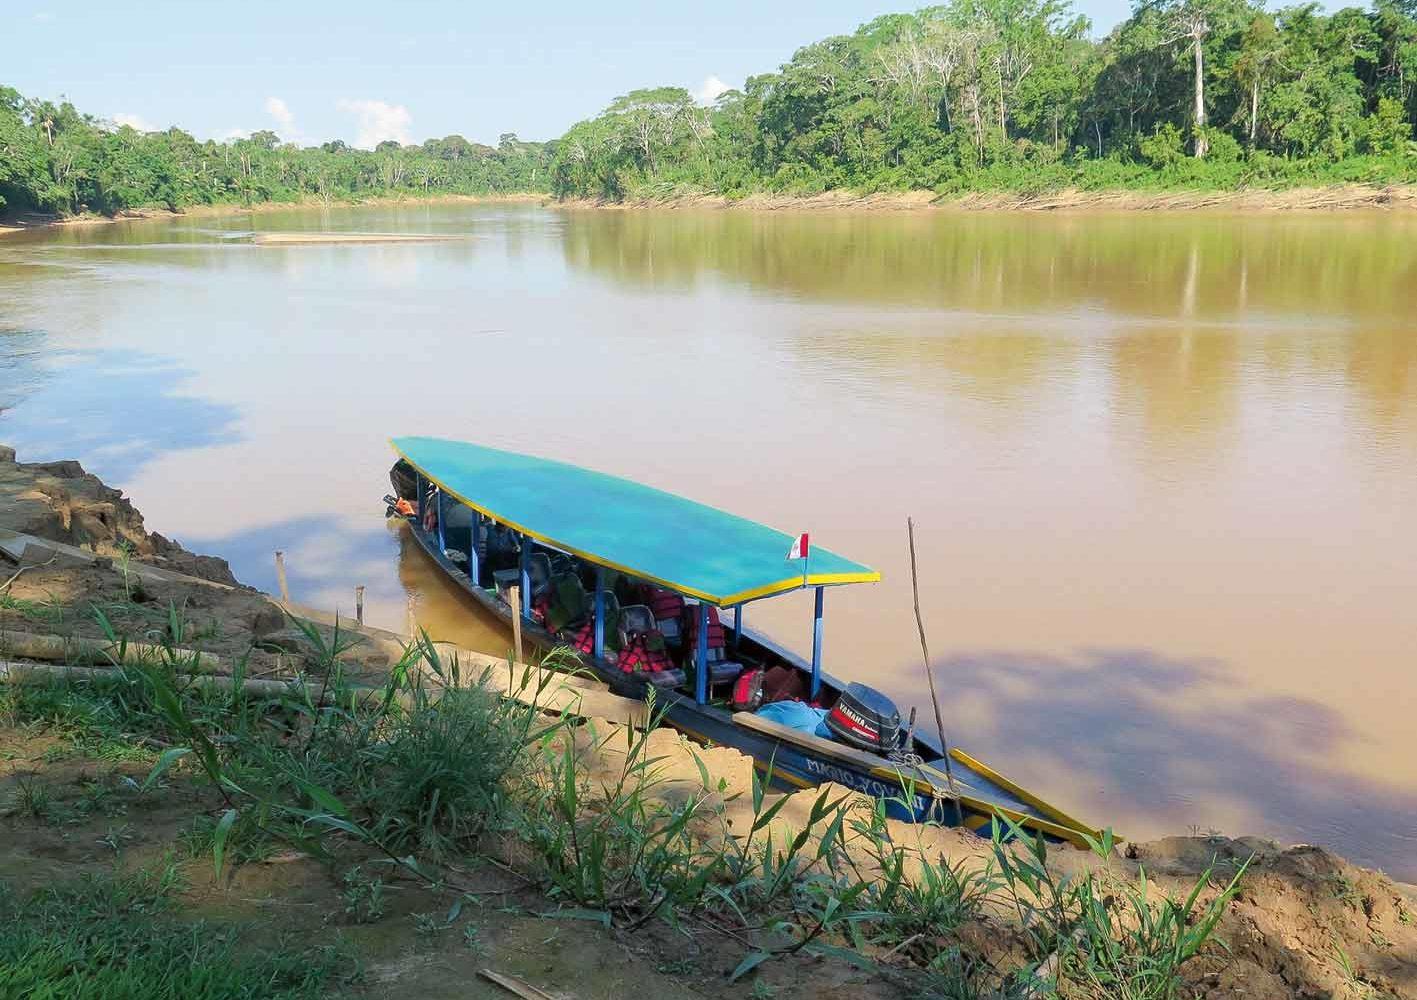 Auf Bootsfahrten erleben wir den Amazonas hautnah